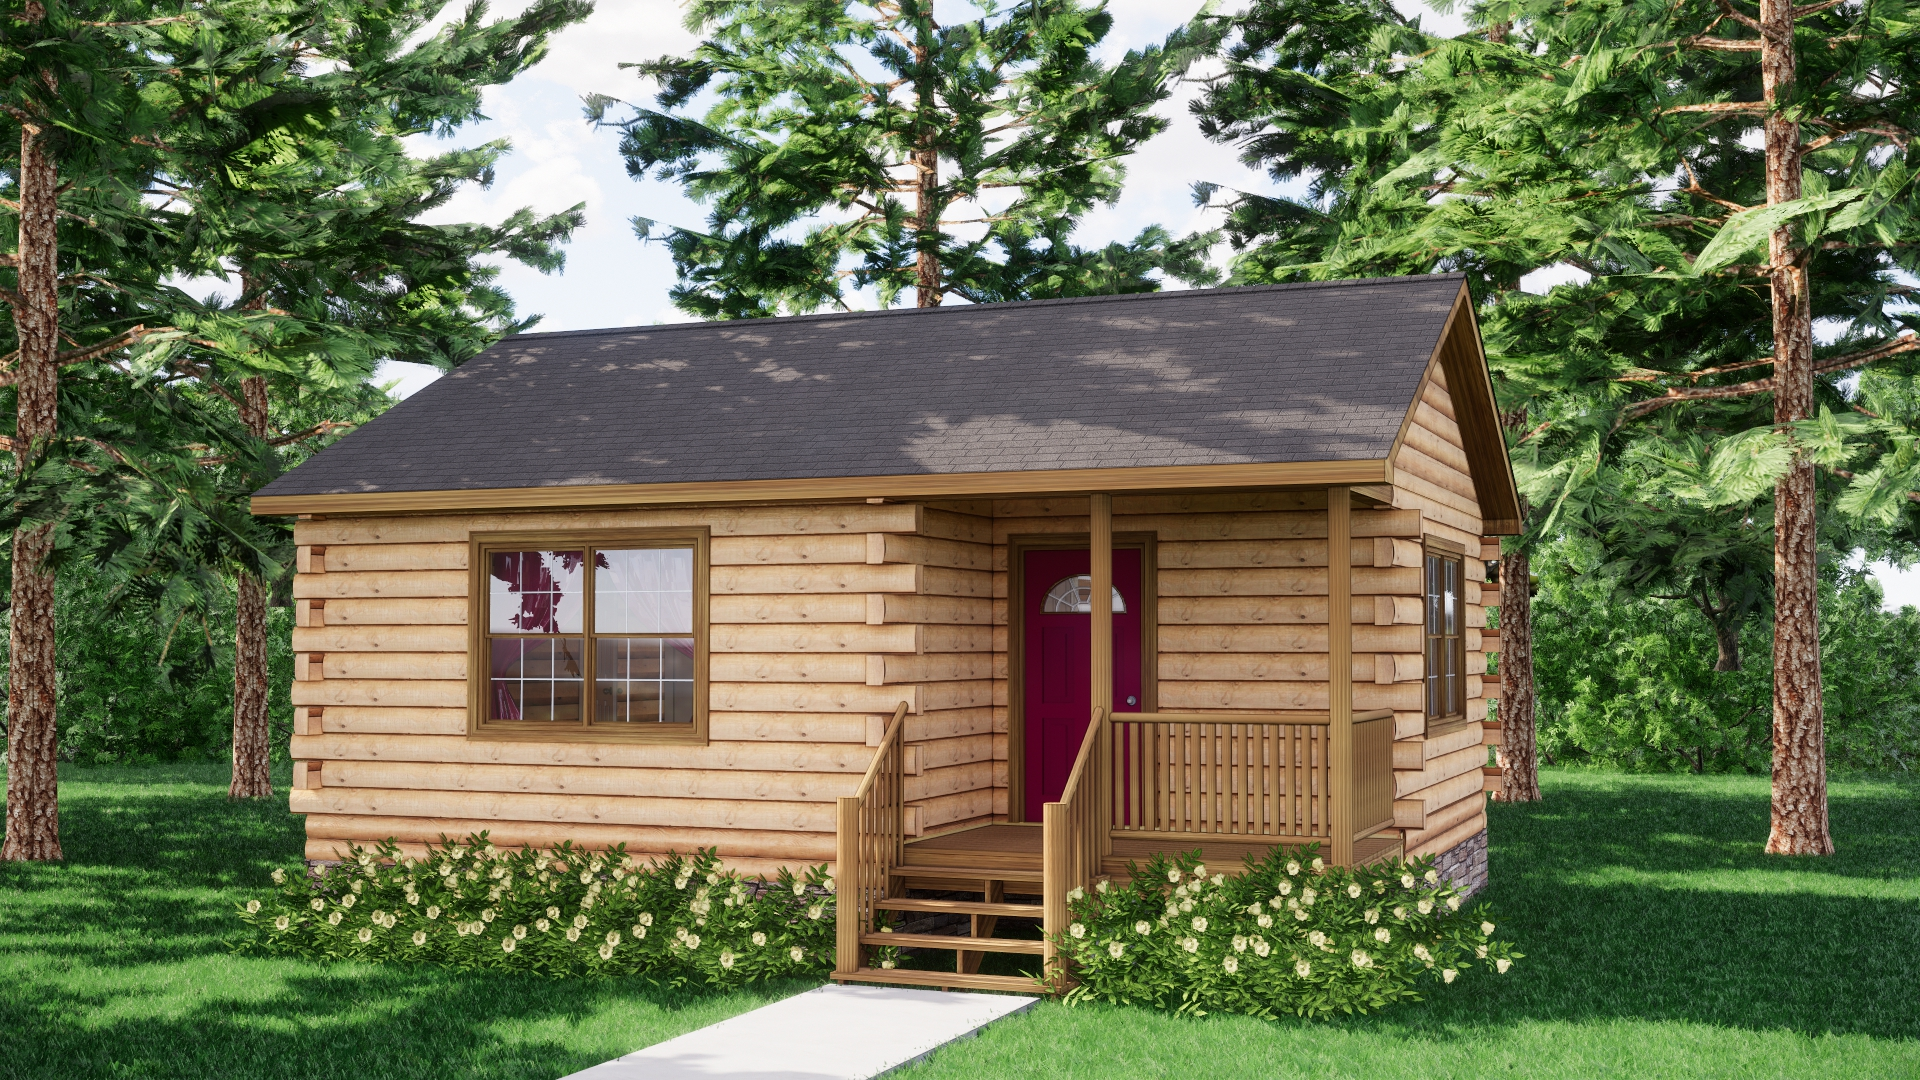 Small Log Cabins - Small Log Cabin Kits 16